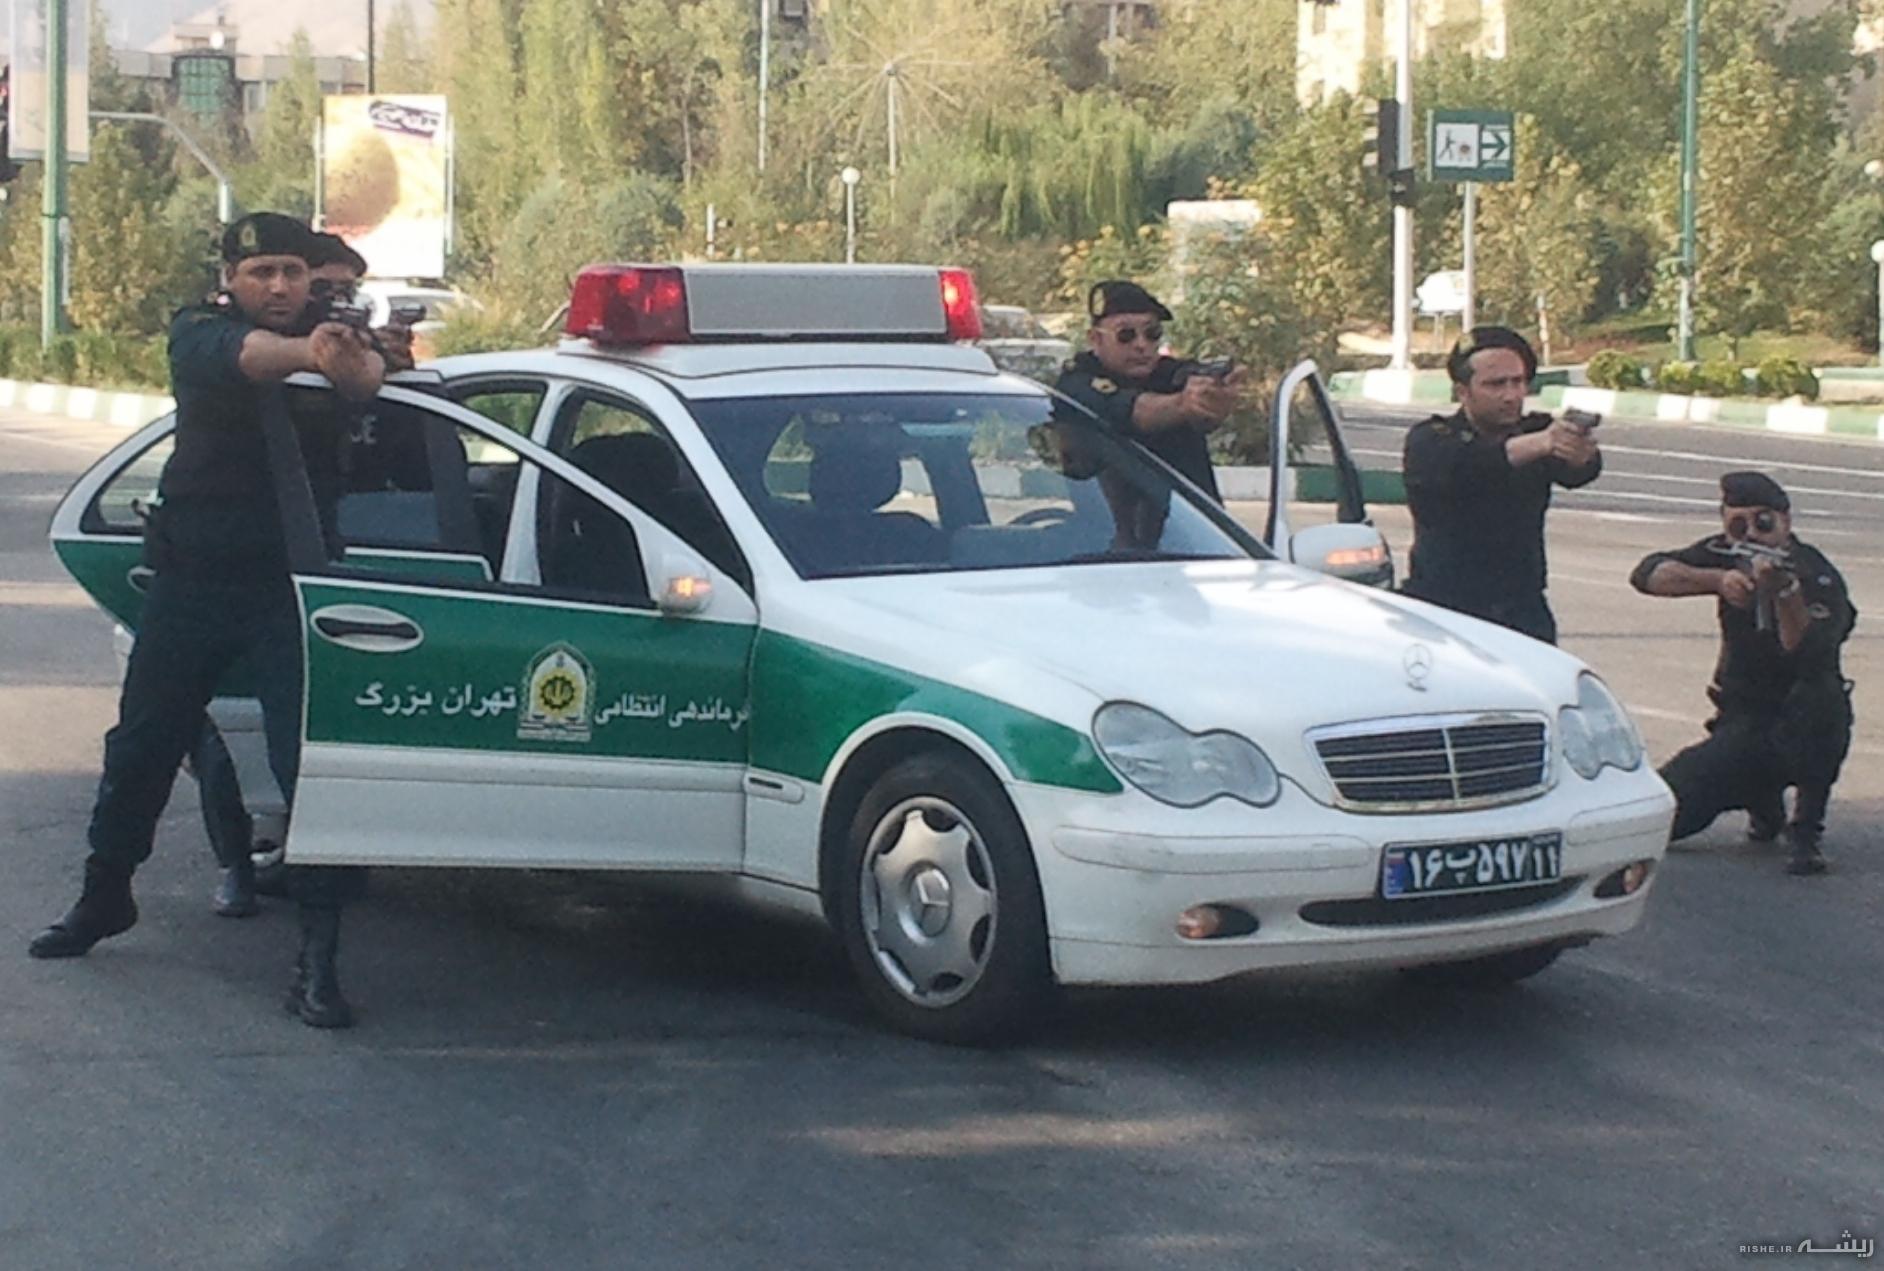 جزئیات تیراندازی صبح امروز در کرمانشاه